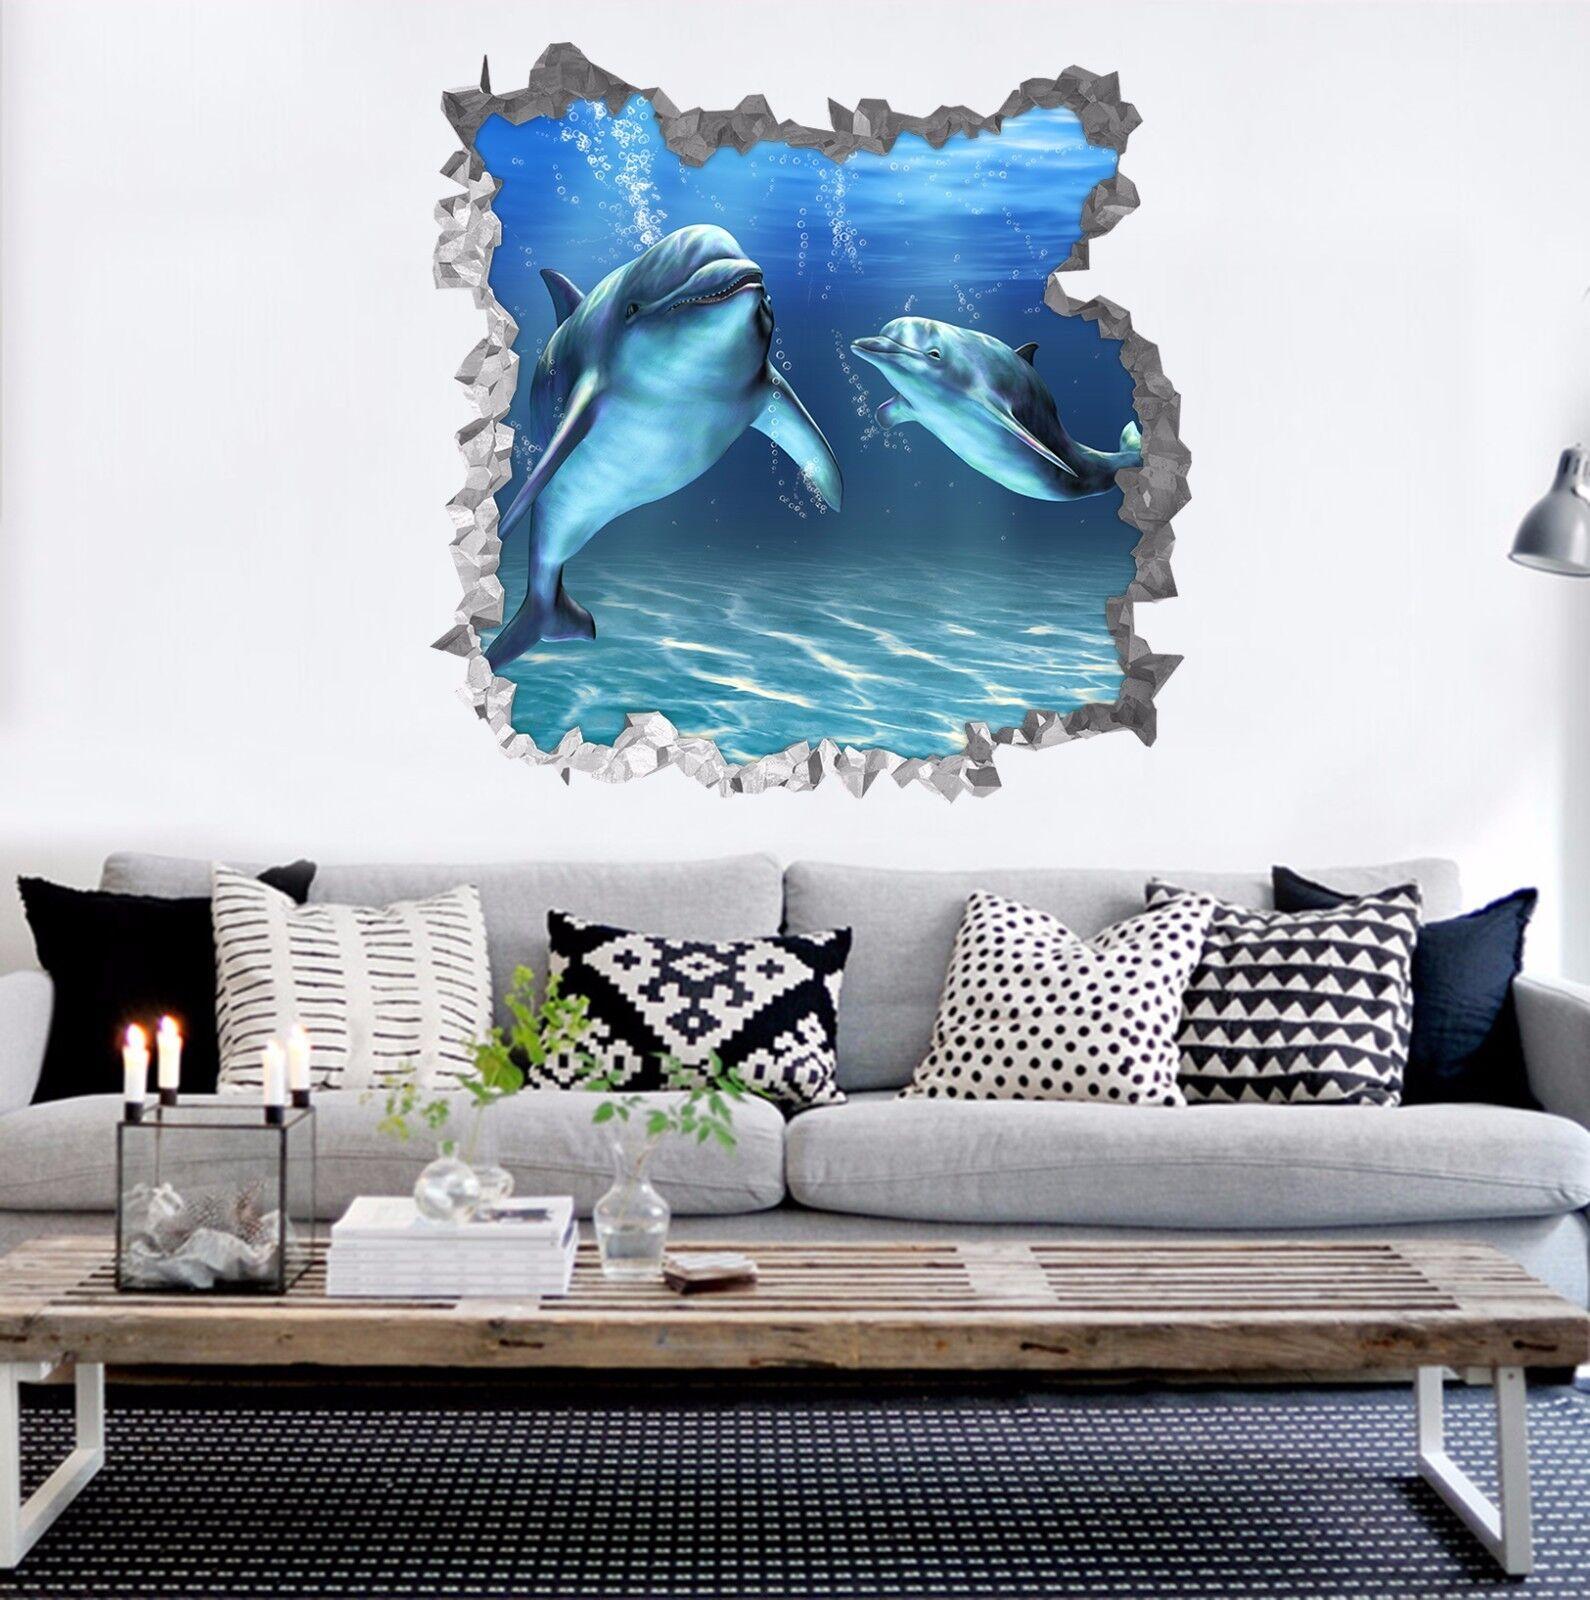 3D Zwei Delphin 753 Mauer Murals Mauer Aufklebe Decal Durchbruch AJ WALLPAPER DE